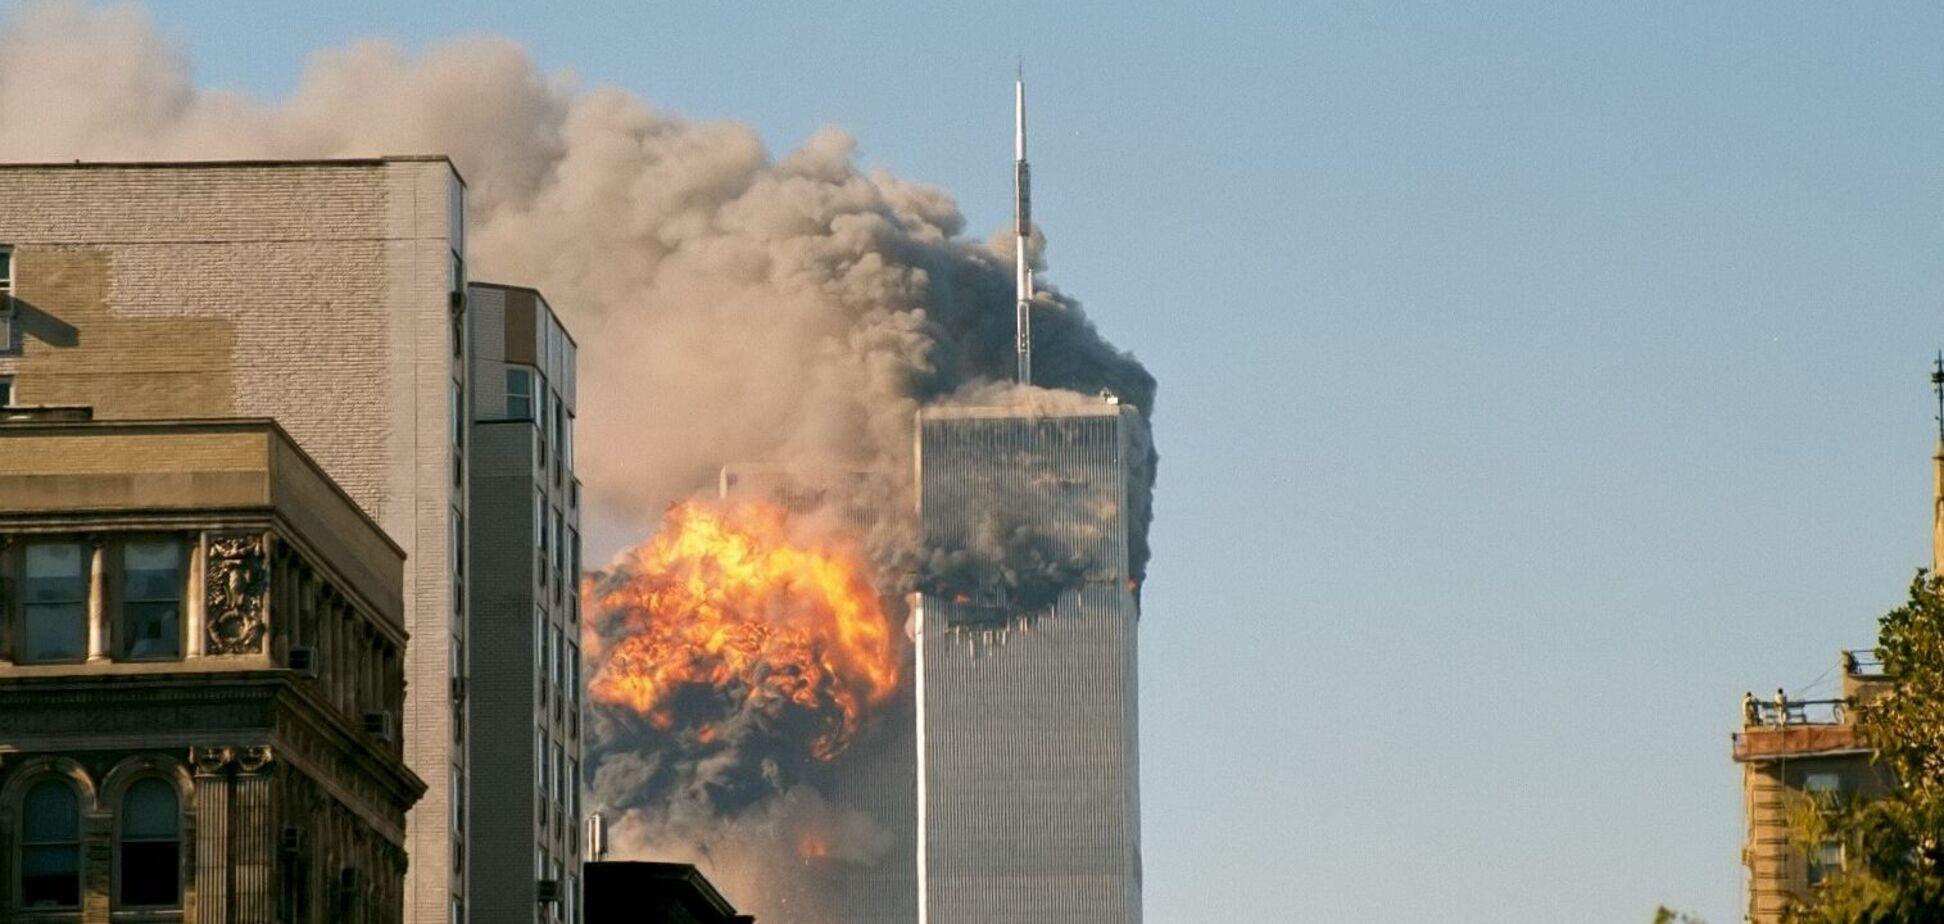 Теракты 9/11 унесли жизни 2977 человек, еще 24 пропали без вести